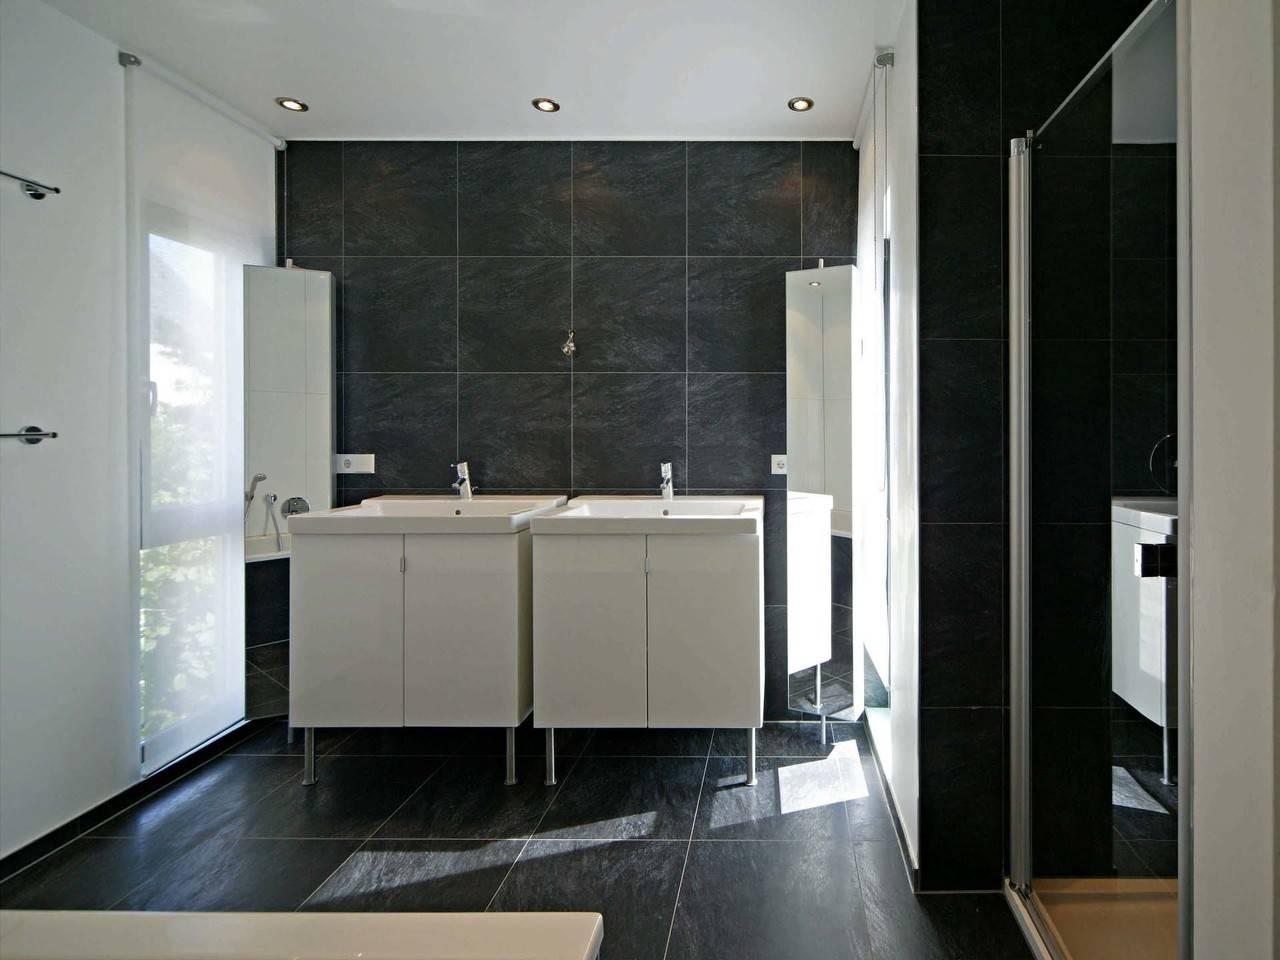 Haus Rauch Fertighaus Weiss Badezimmer